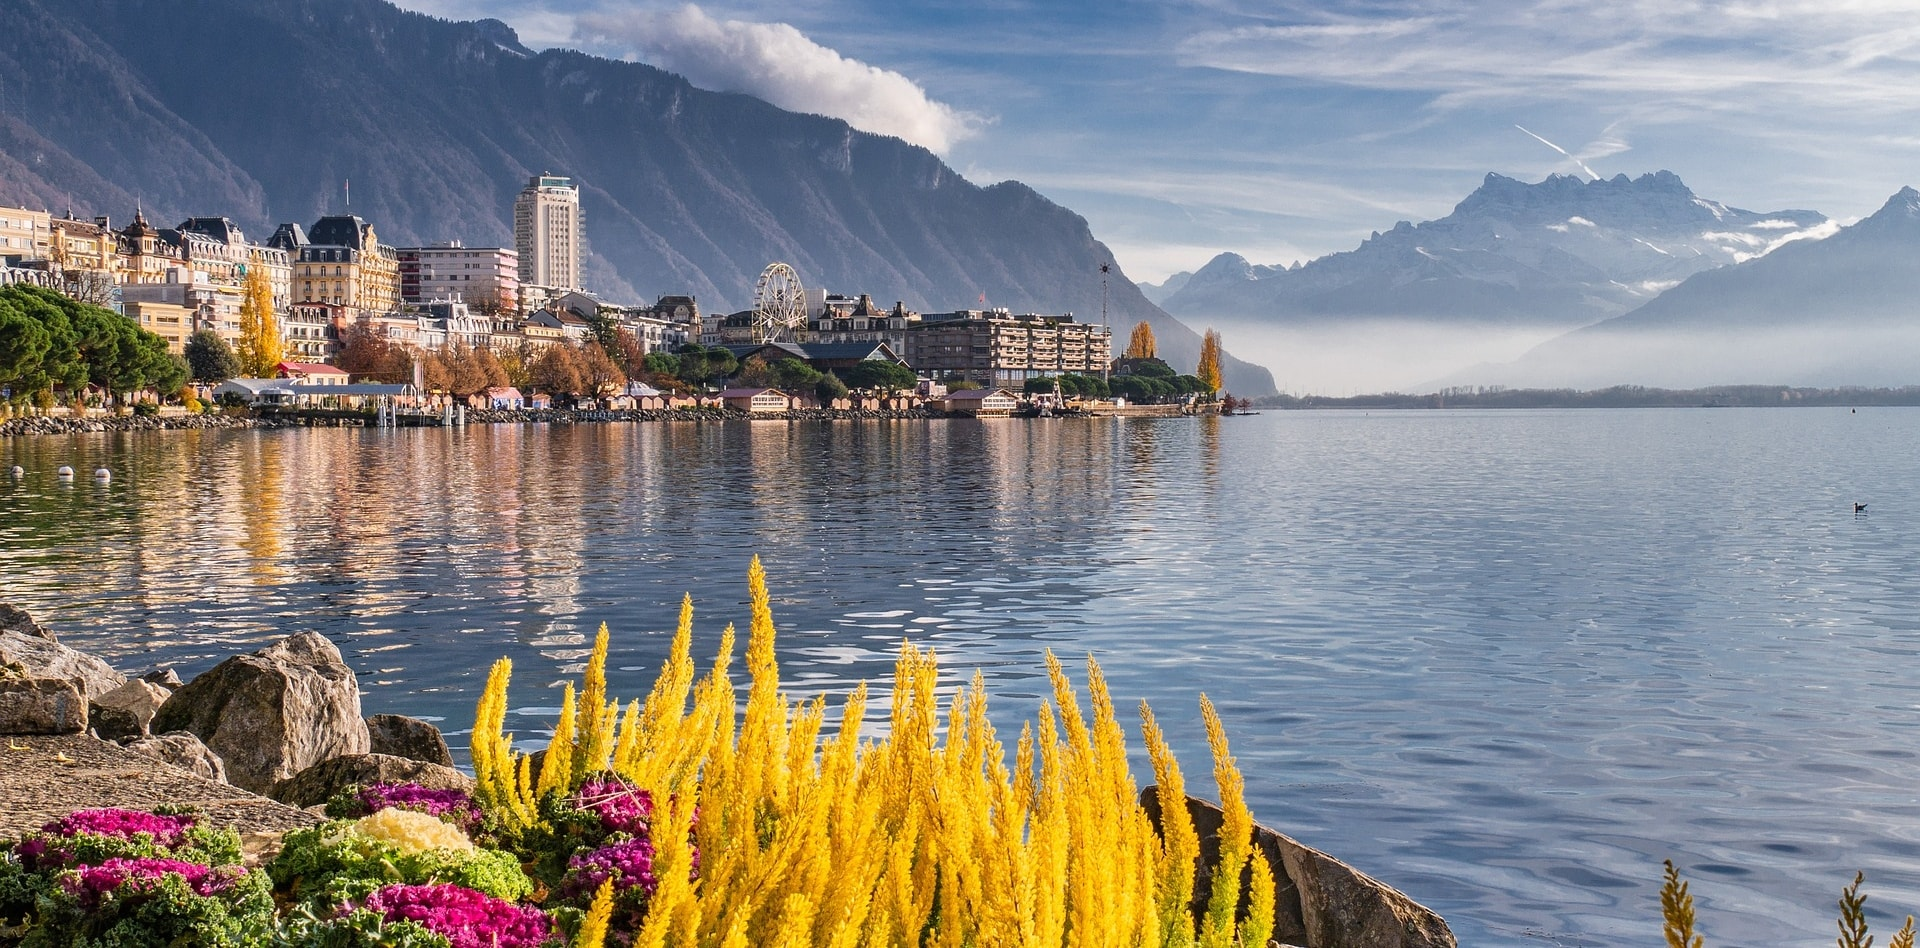 Private tour to Zurich, St. Moritz, Zermatt, and Montreux in Switzerland